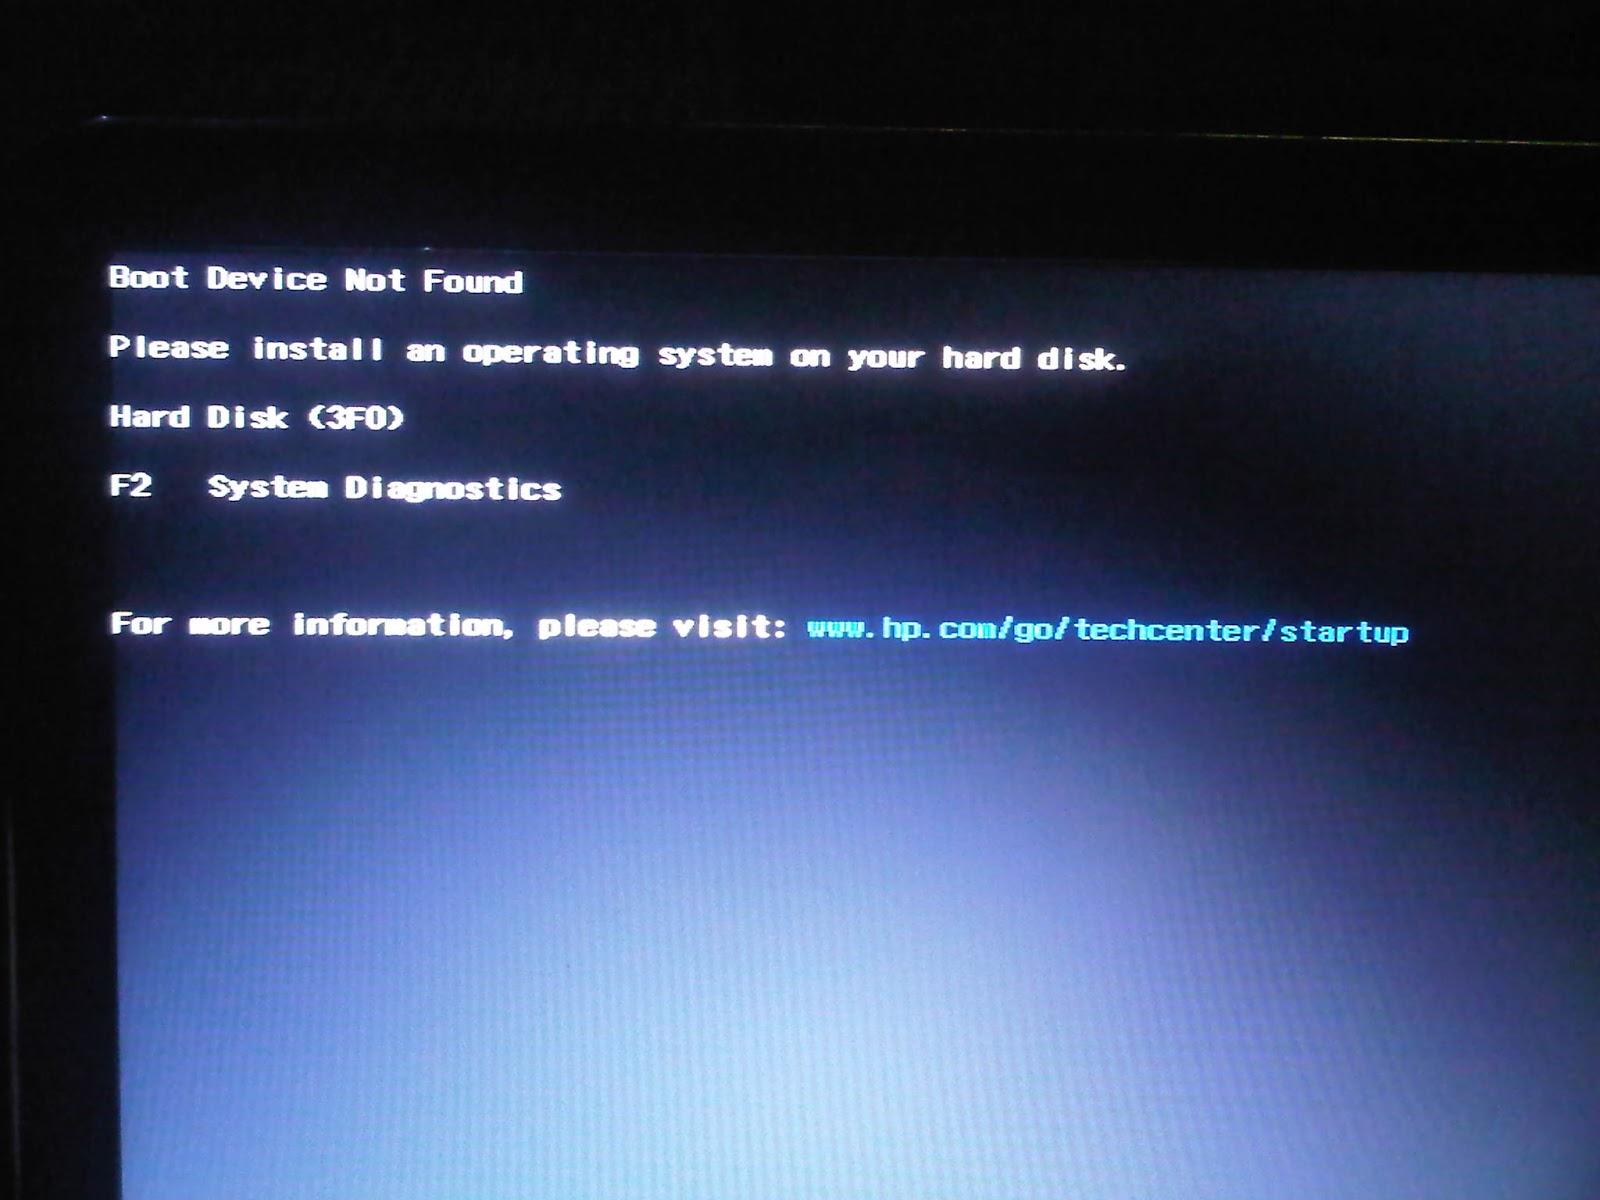 harddisk3f0_sod.jpg